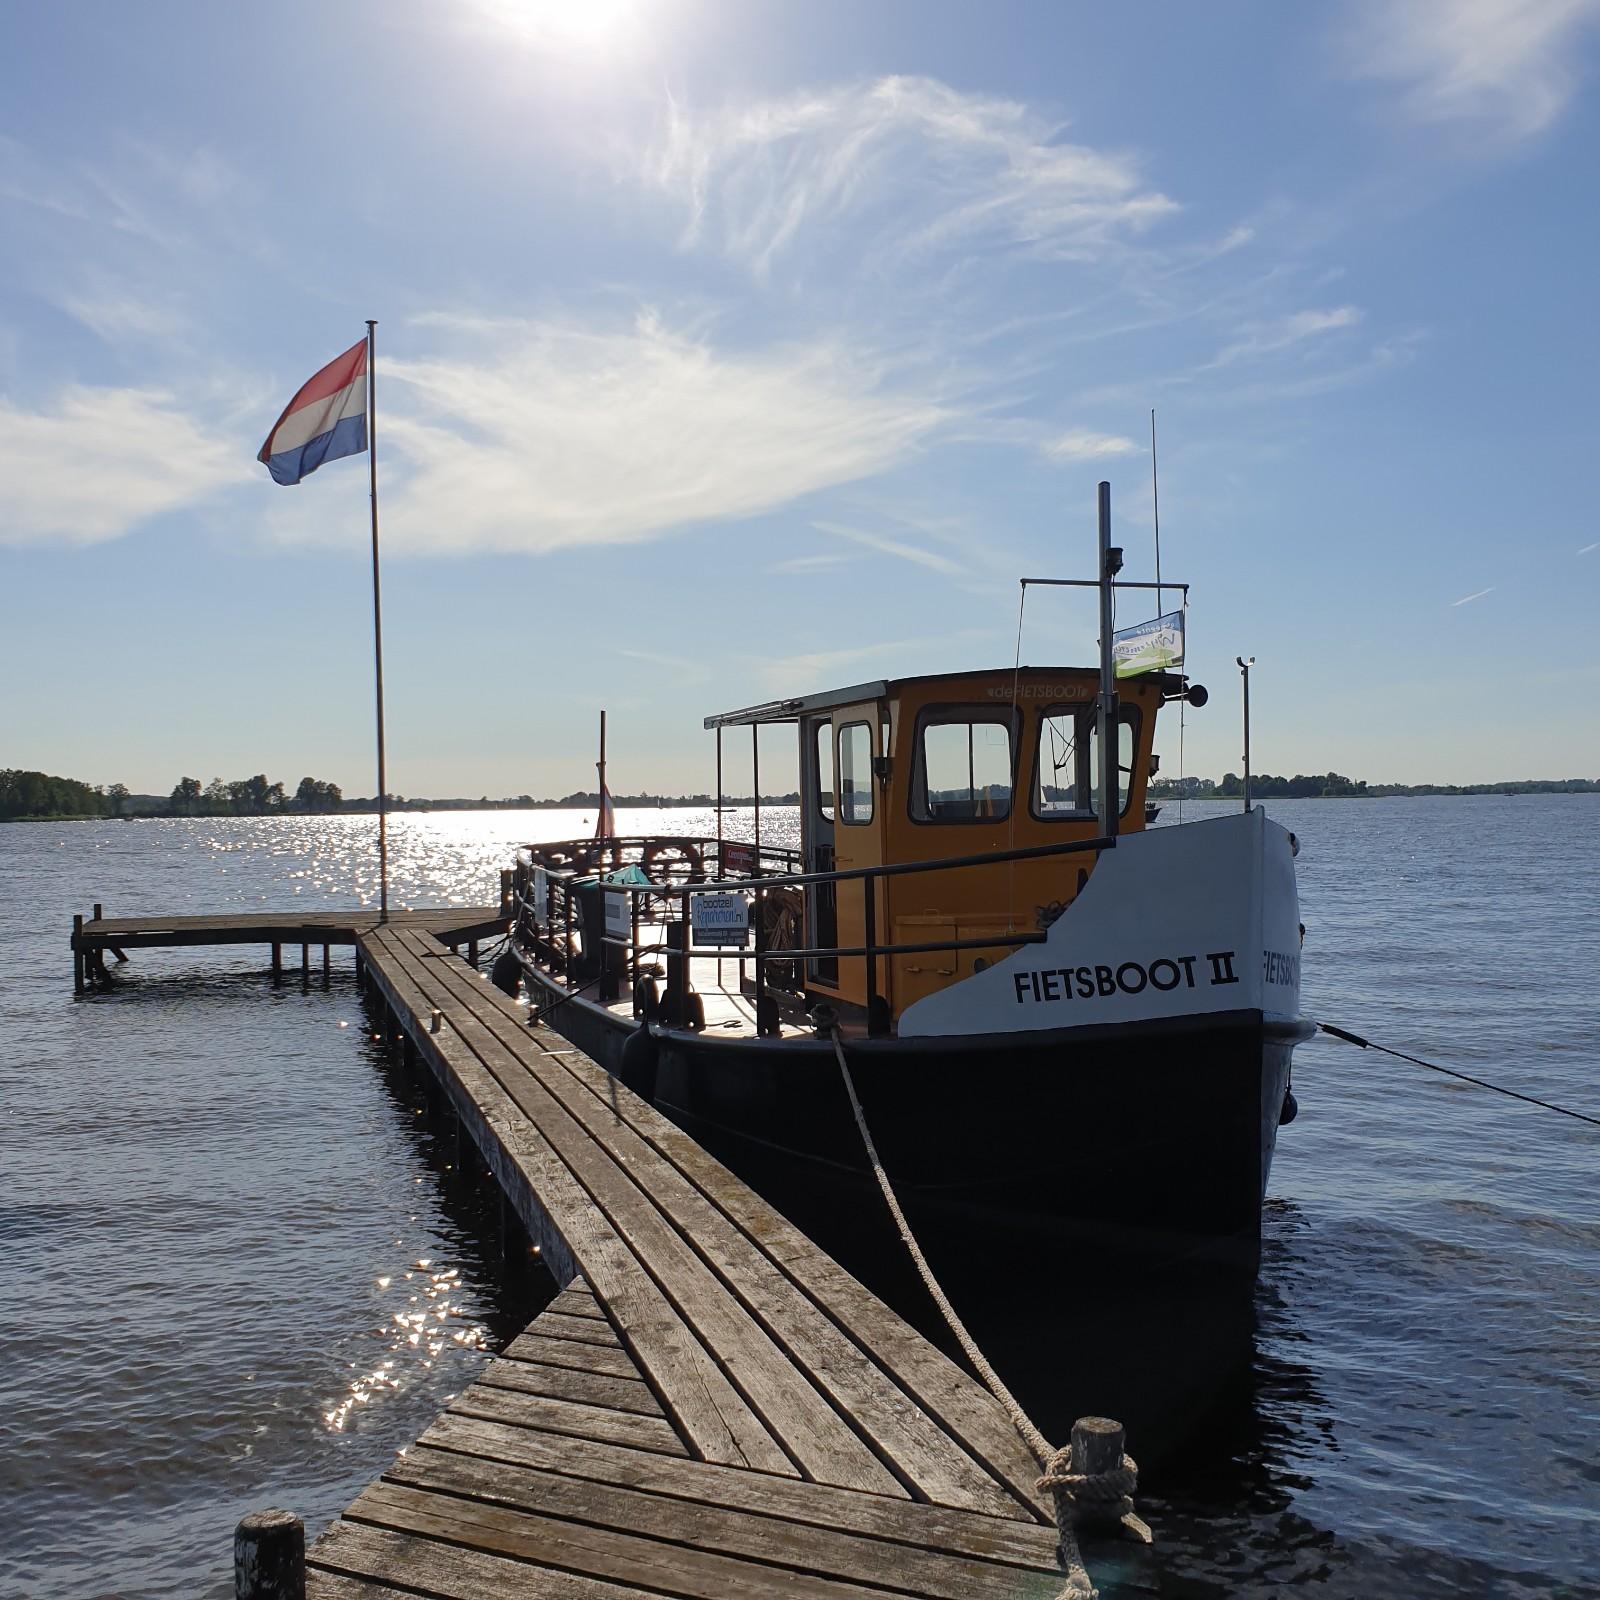 De Fietsboot Loosdrechtse Plassen bij Galerie Wijdemeren Breukeleveen